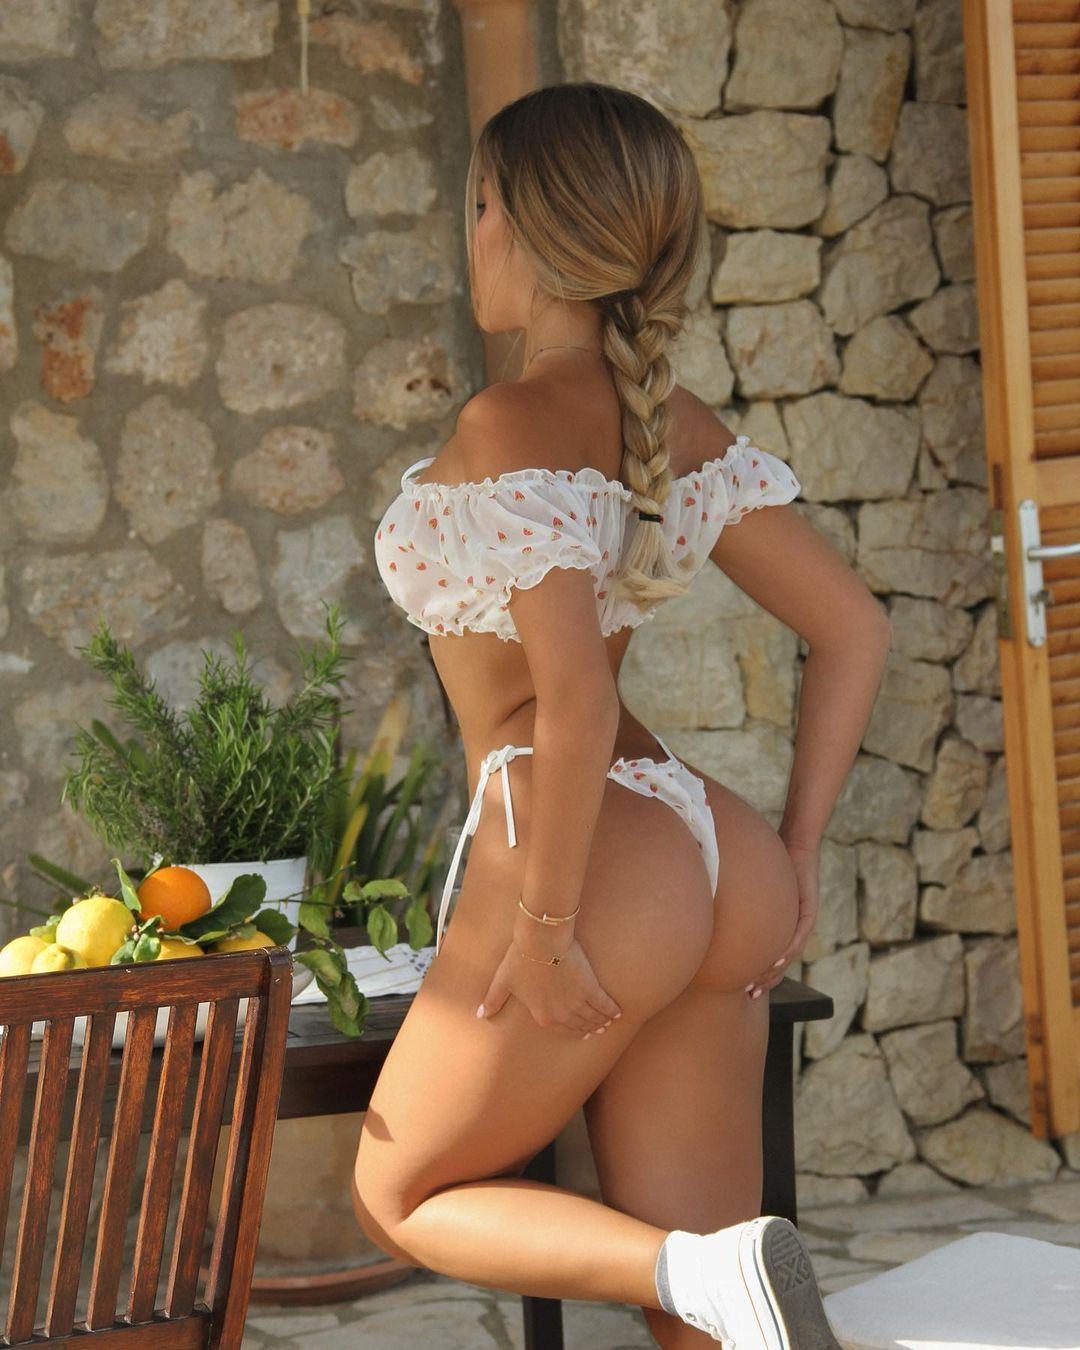 Madeline Mercedes - очаровательная милашка из Instagam 22